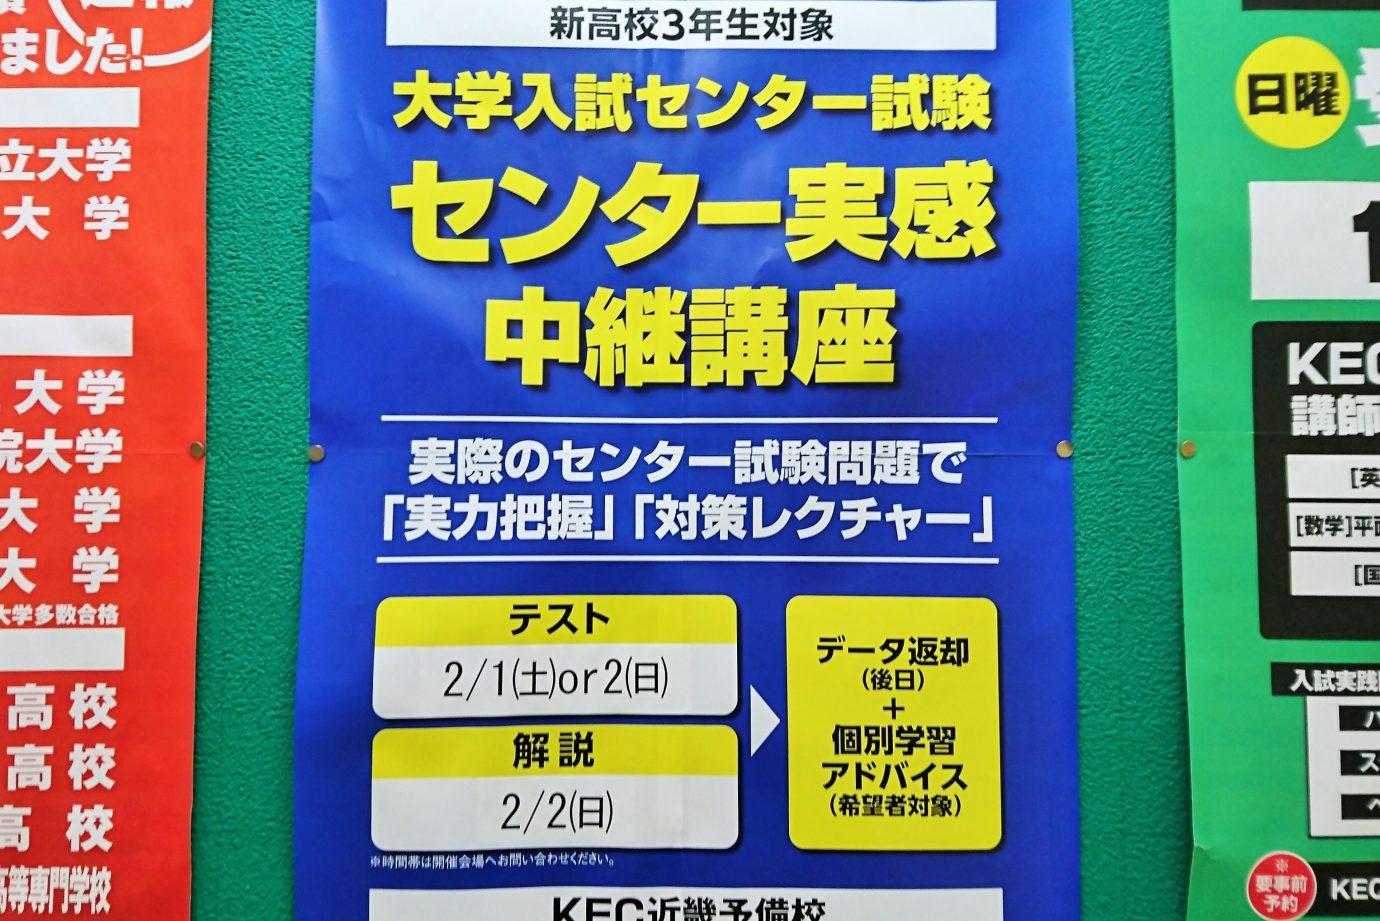 KEC_塾_予備校_楠葉本校_センター実感中継講座